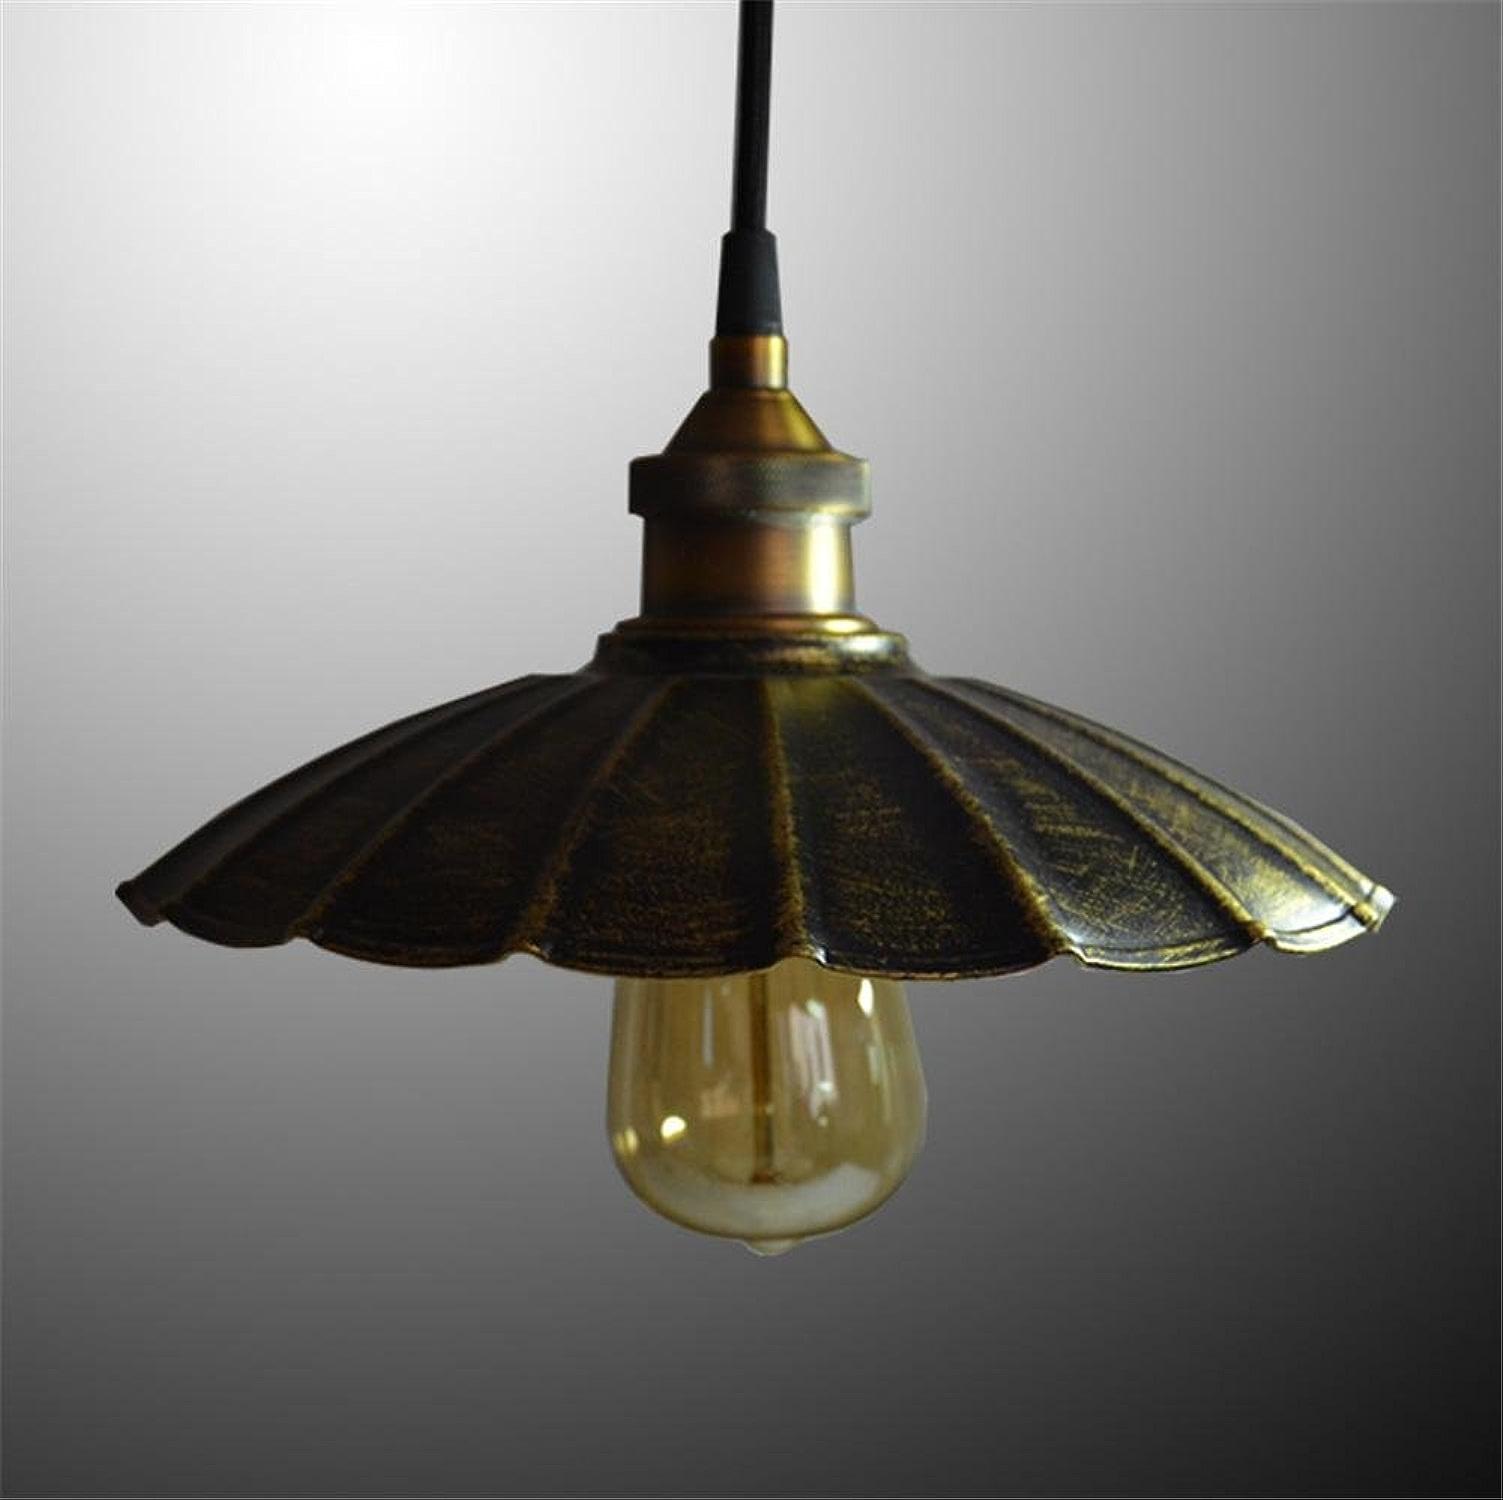 H&M Eclairage de plafond Luminaires Lustre Suspension pendentif décoratif antique pendaison de fer lampe parasol chambre salon éclairage Lustres, B